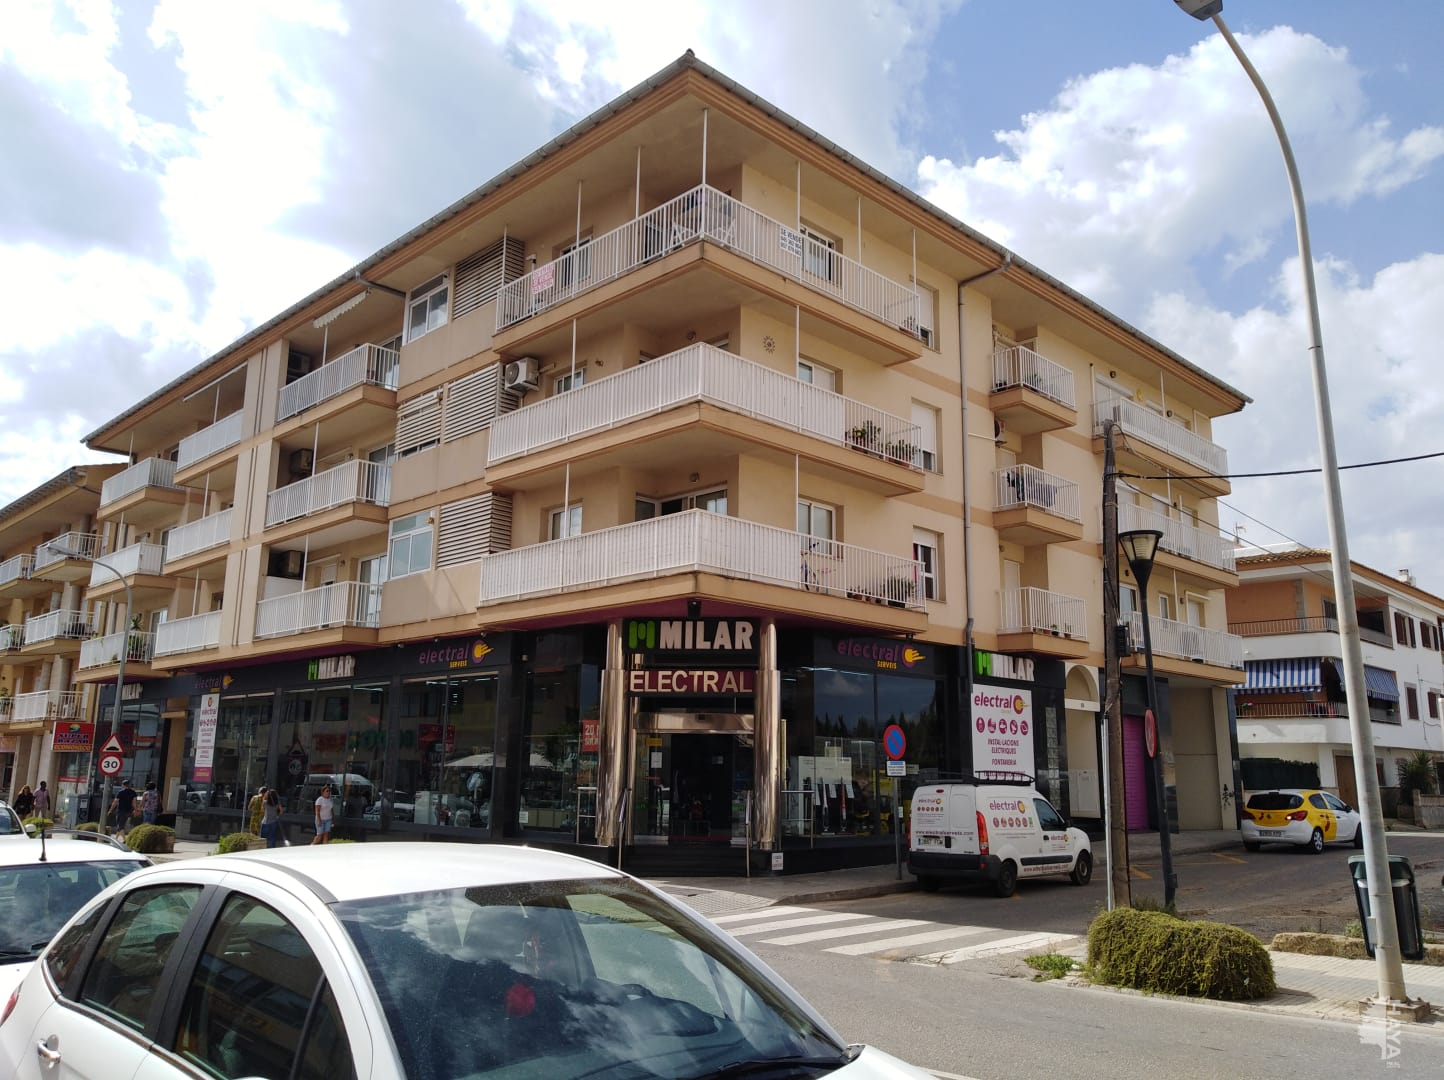 Piso en venta en Alcúdia, Baleares, Calle Pollentia, 167.868 €, 3 habitaciones, 8 baños, 119 m2